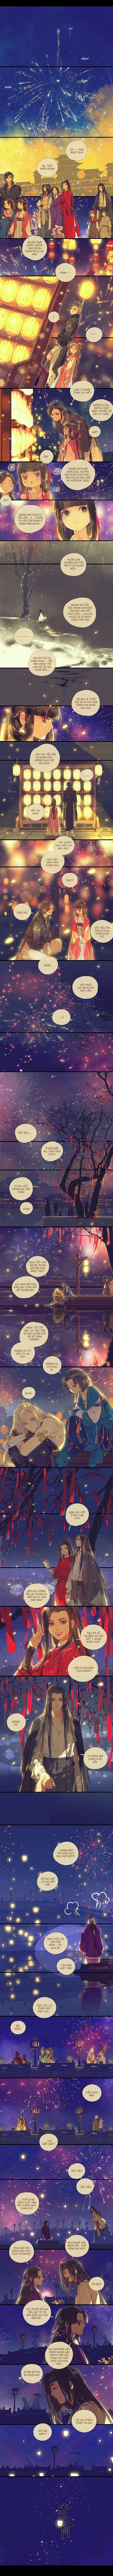 Ngoại truyện: Mừng năm mới [27/1] Xuy: Bởi cái khung cảnh năm mới đẹp quá đo mất nên vẽ một chương tiểu nhật thường mua sắm, kẹo chợ đăng, coi như là chúc năm mới mọi người, cảm ơn mọi người đã mua sách. năm mới vui vẻ~ Dịch: Nguyệt Lệ Các